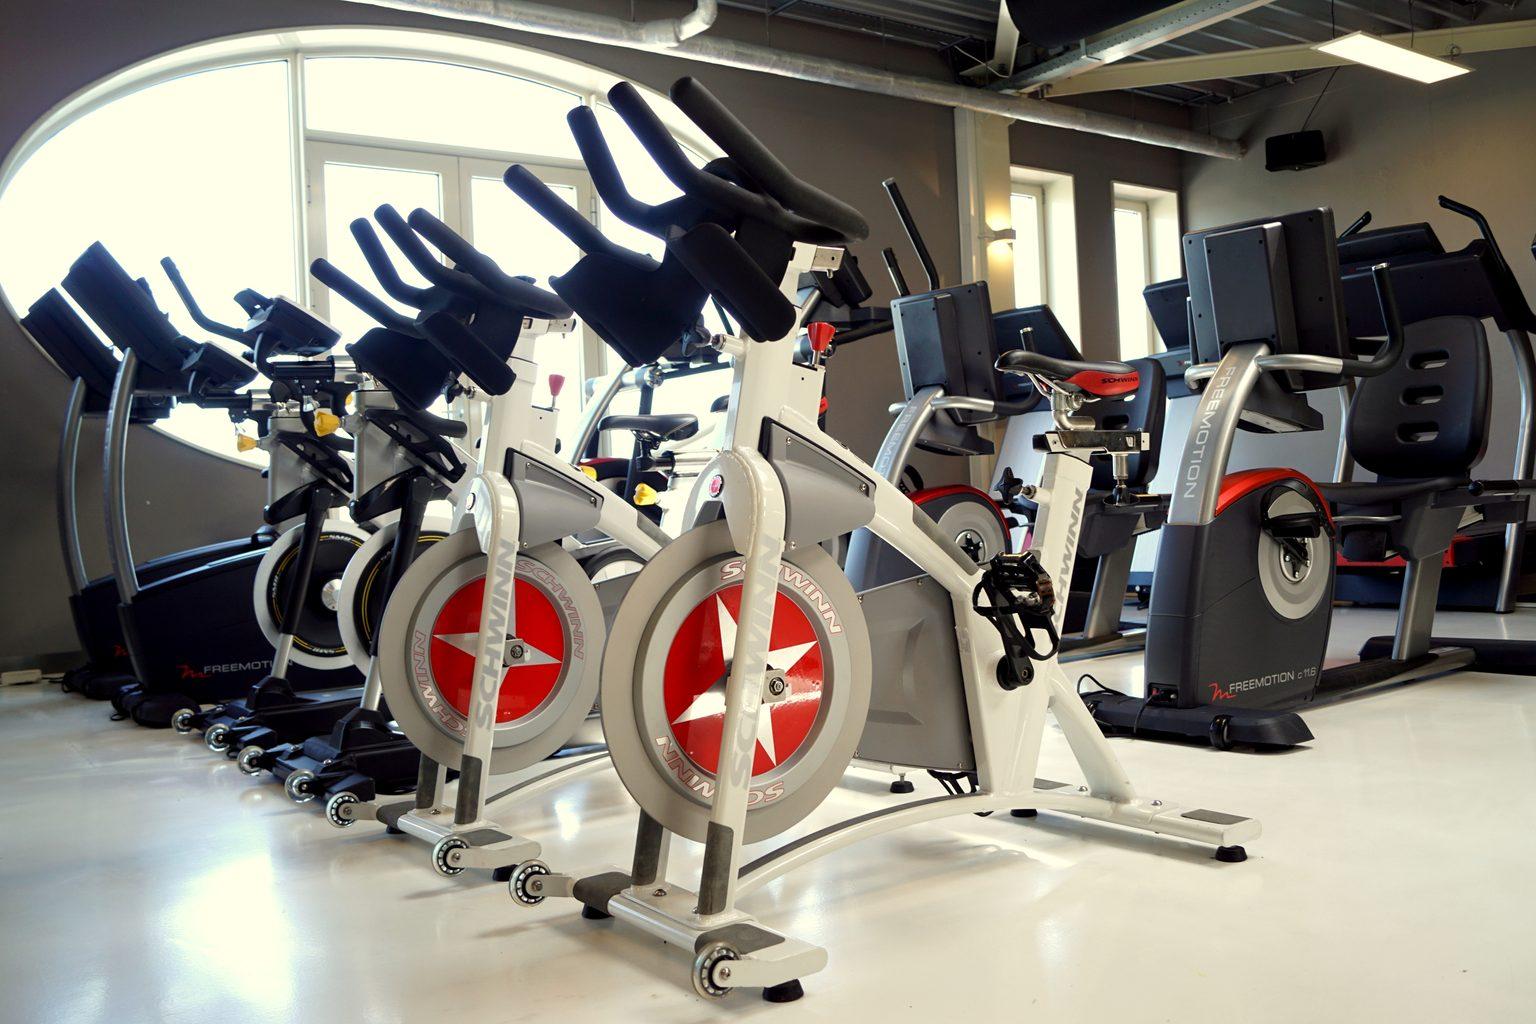 Photo from Njoy Fitness - Noordwijk